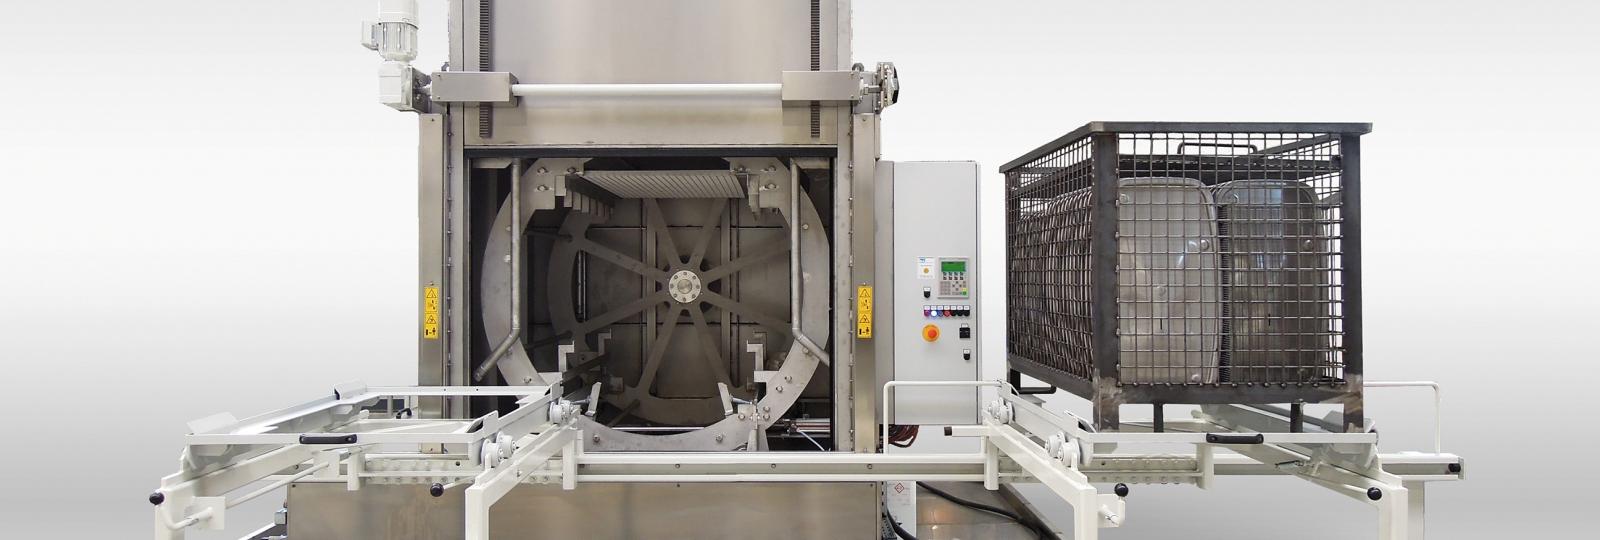 Die Reinigungsanlage NiagaraRH der BvL Oberflächentechnik reinigt mühelos hohe Bauteilstückzahlen mit leichten bis mittelstarken Verunreinigungen